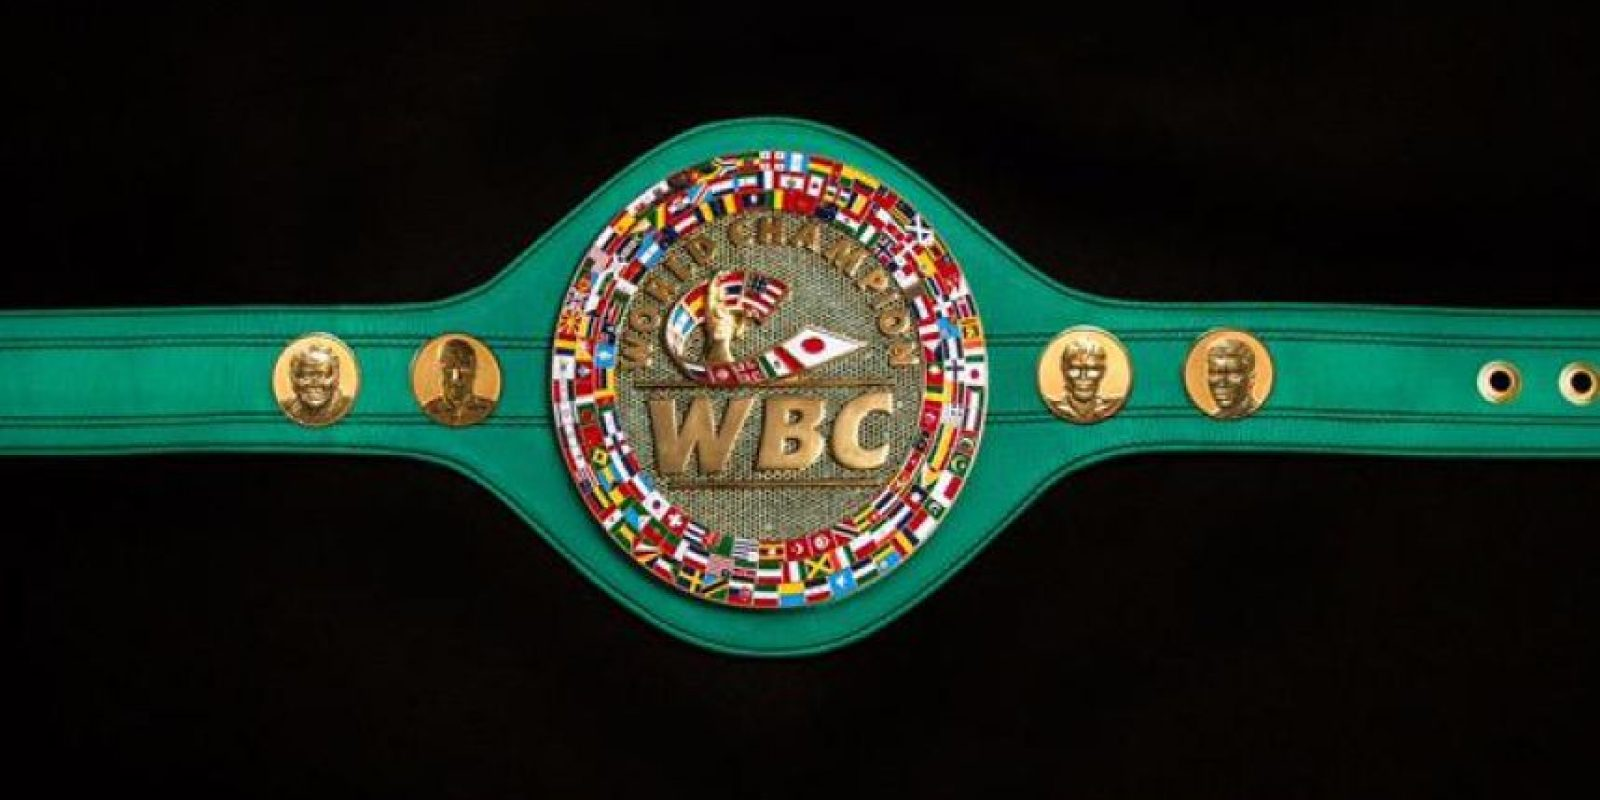 Esta pieza también lleva los rostros de Pacquiao, Mayweather, José Sulaimán y Muhhamad Ali. Foto:World Boxing Council